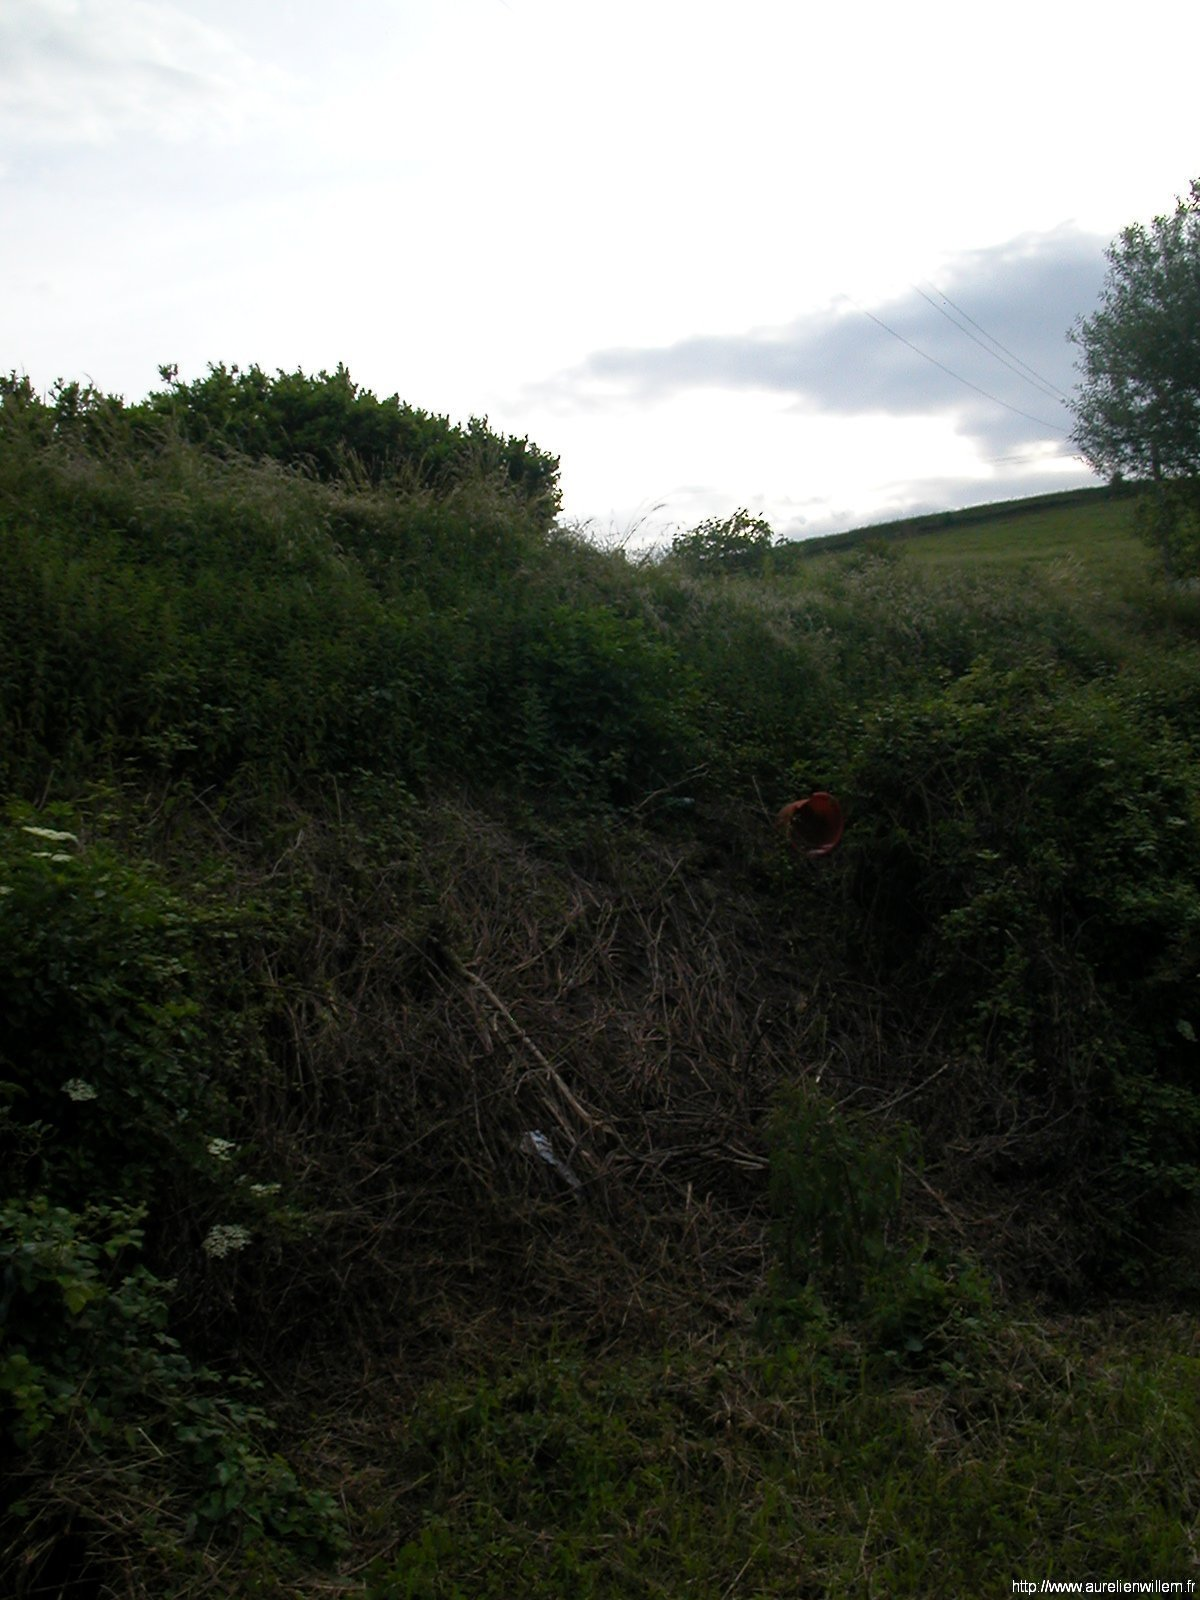 Accident du samedi 24 mai 2008